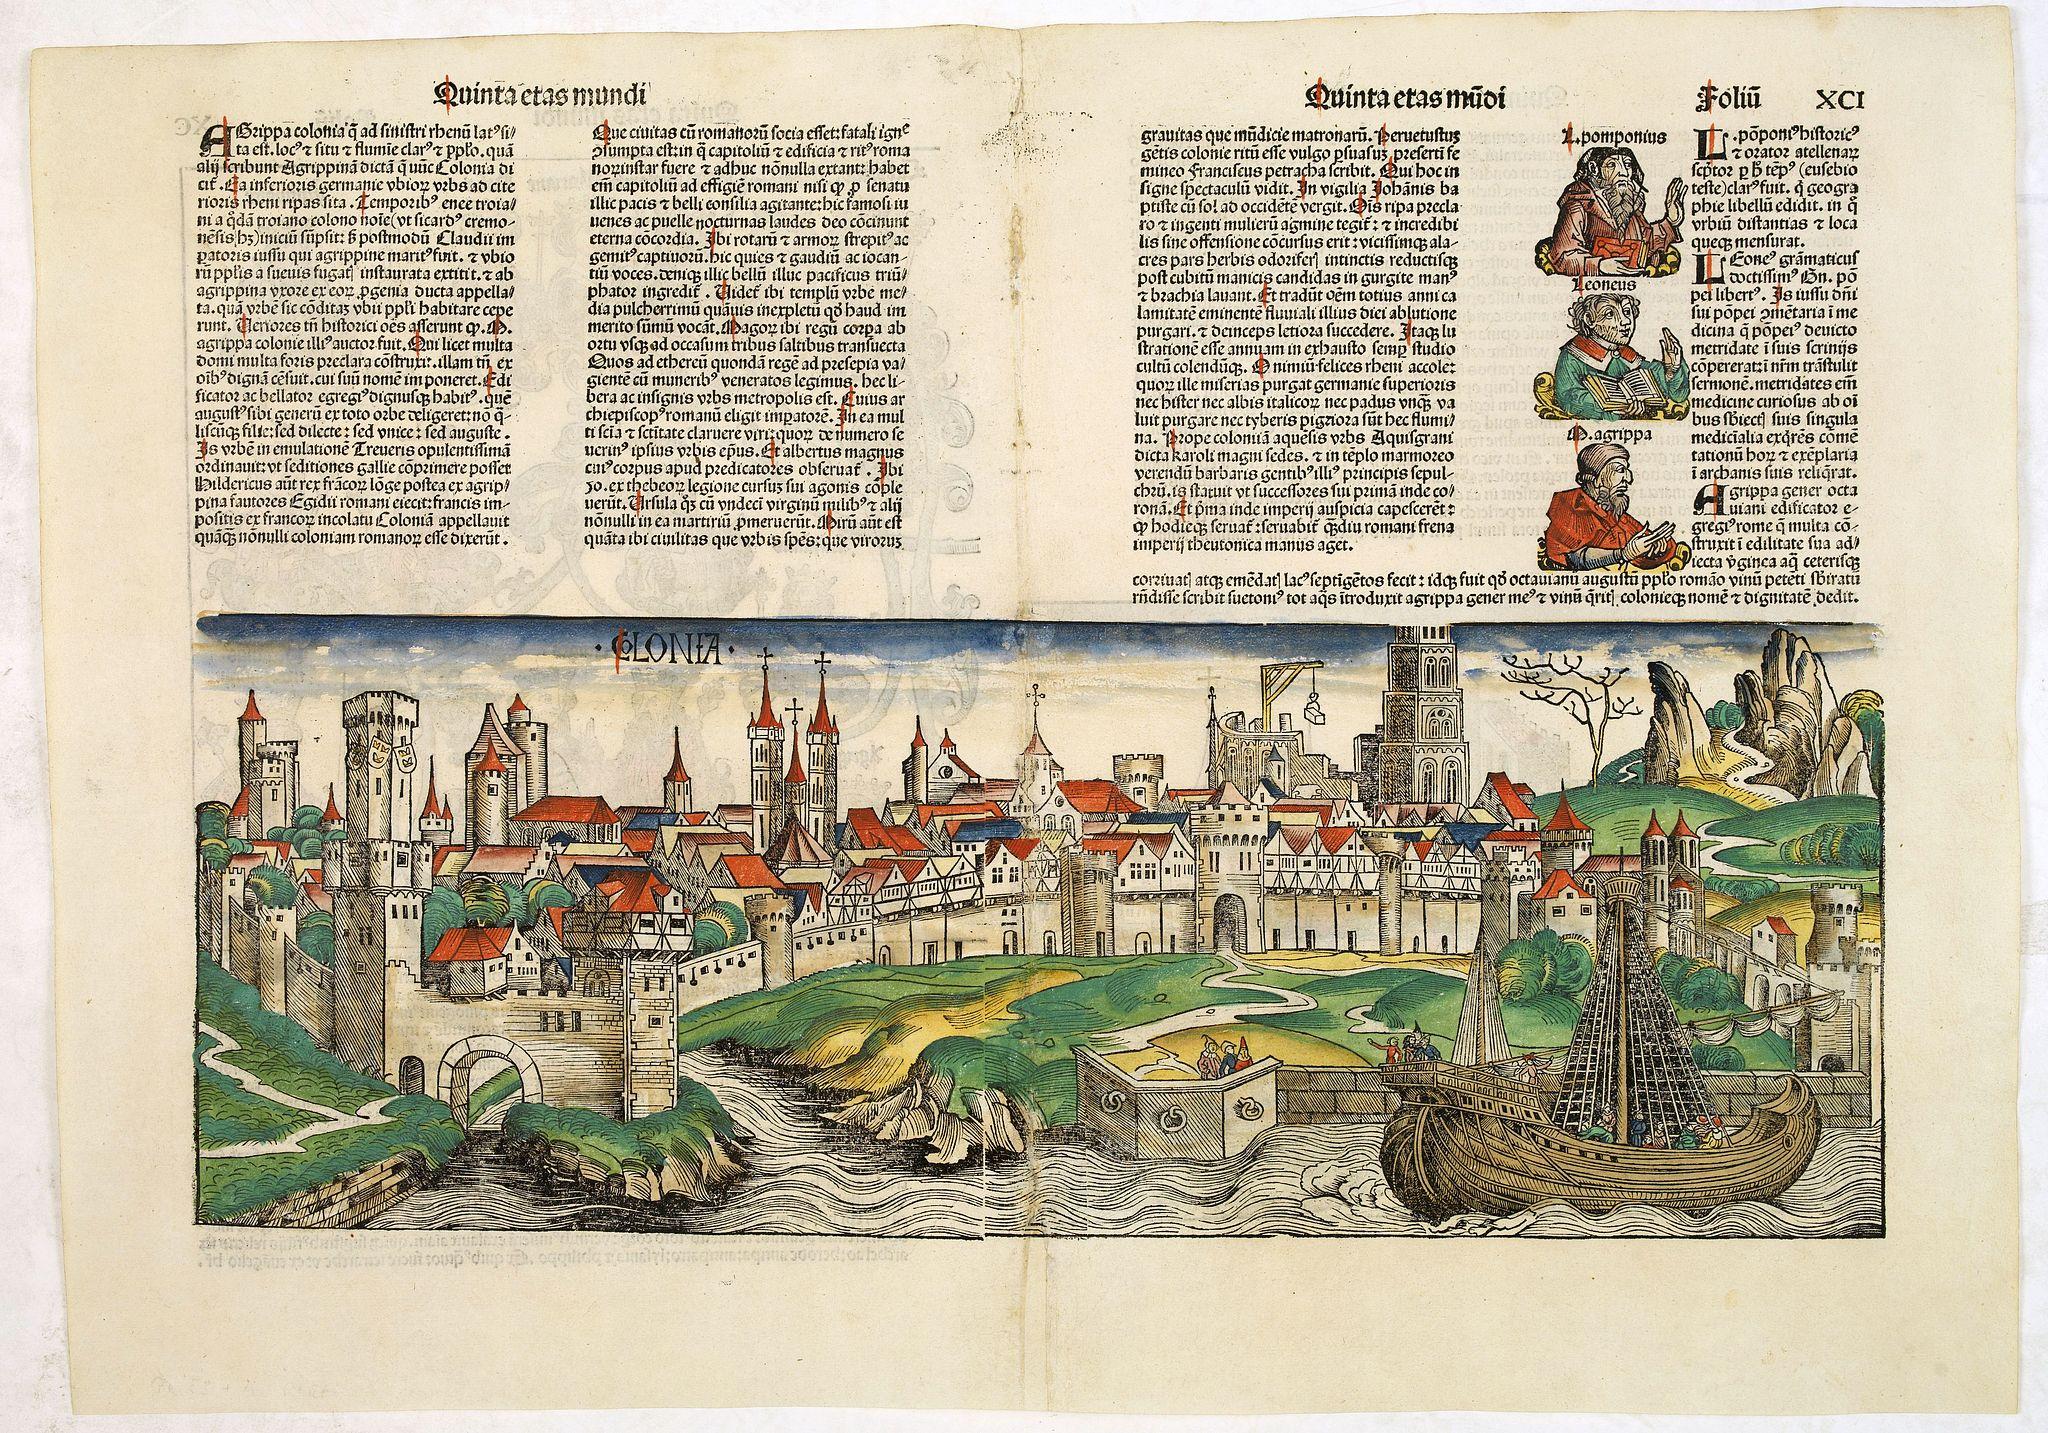 SCHEDEL, H. -  Quinta etas mudi Folio XCI [Colonia]